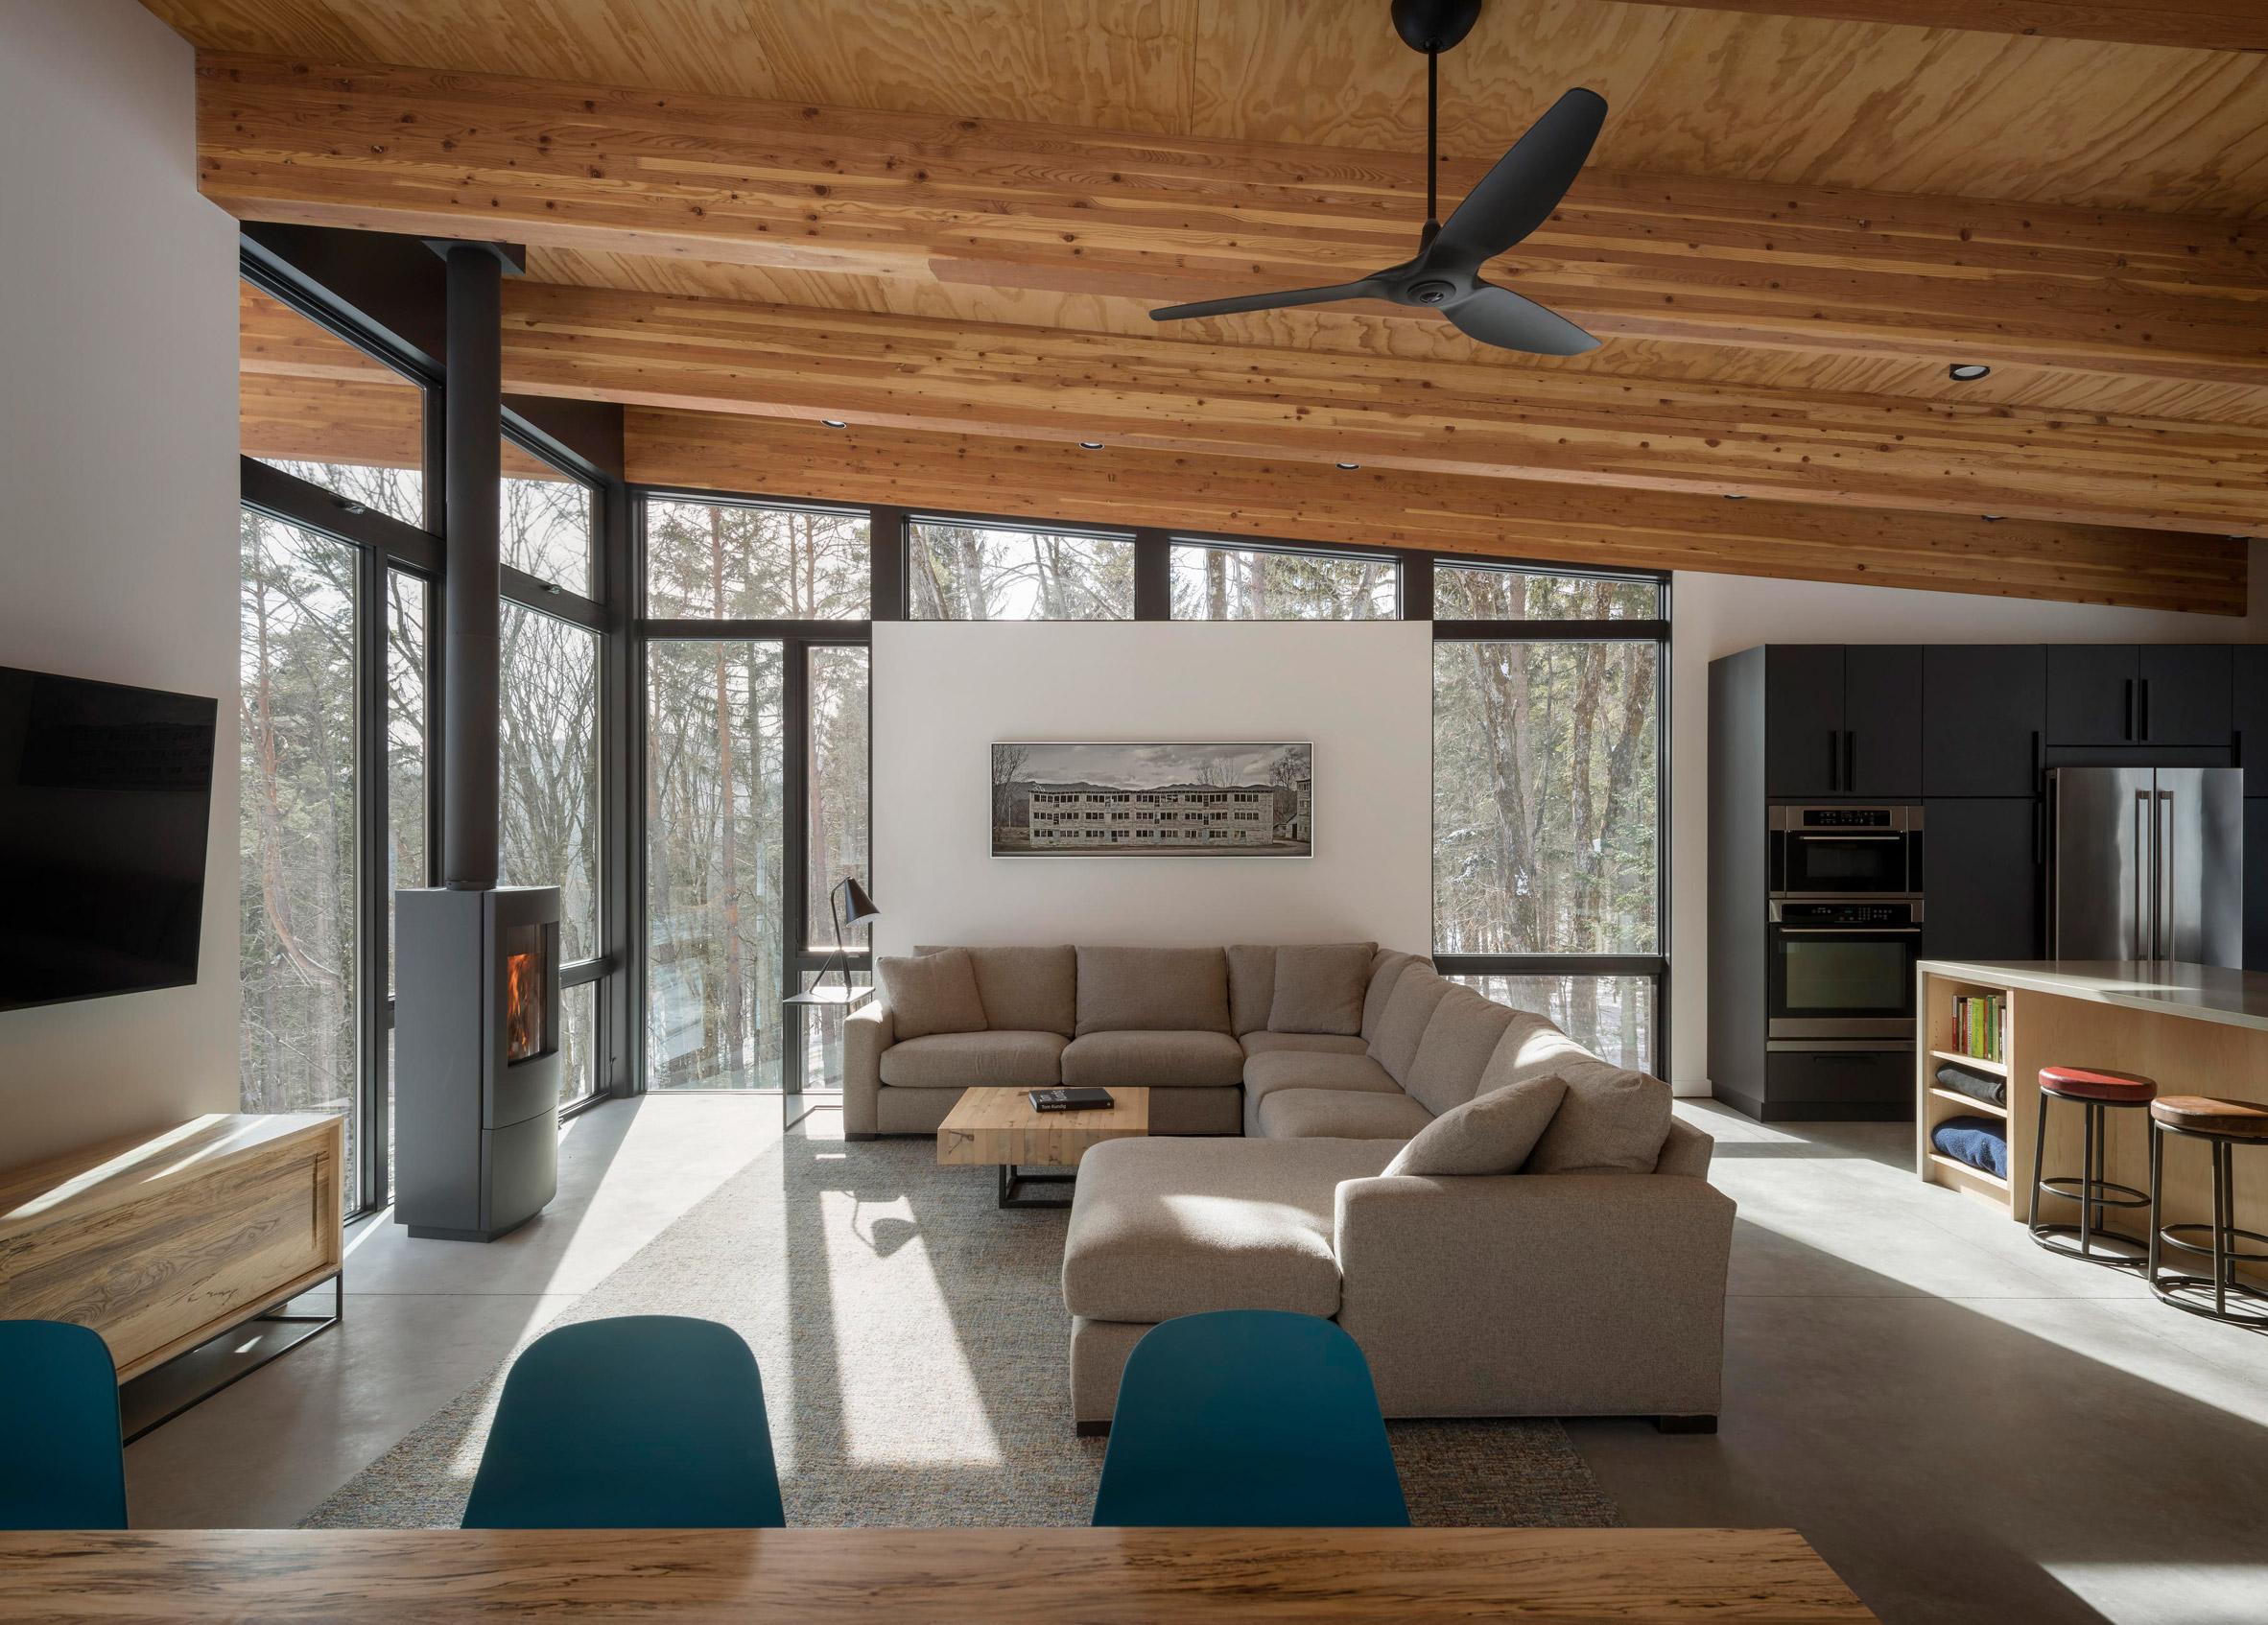 Las vigas de madera del techo y los ventanales, protagonistas